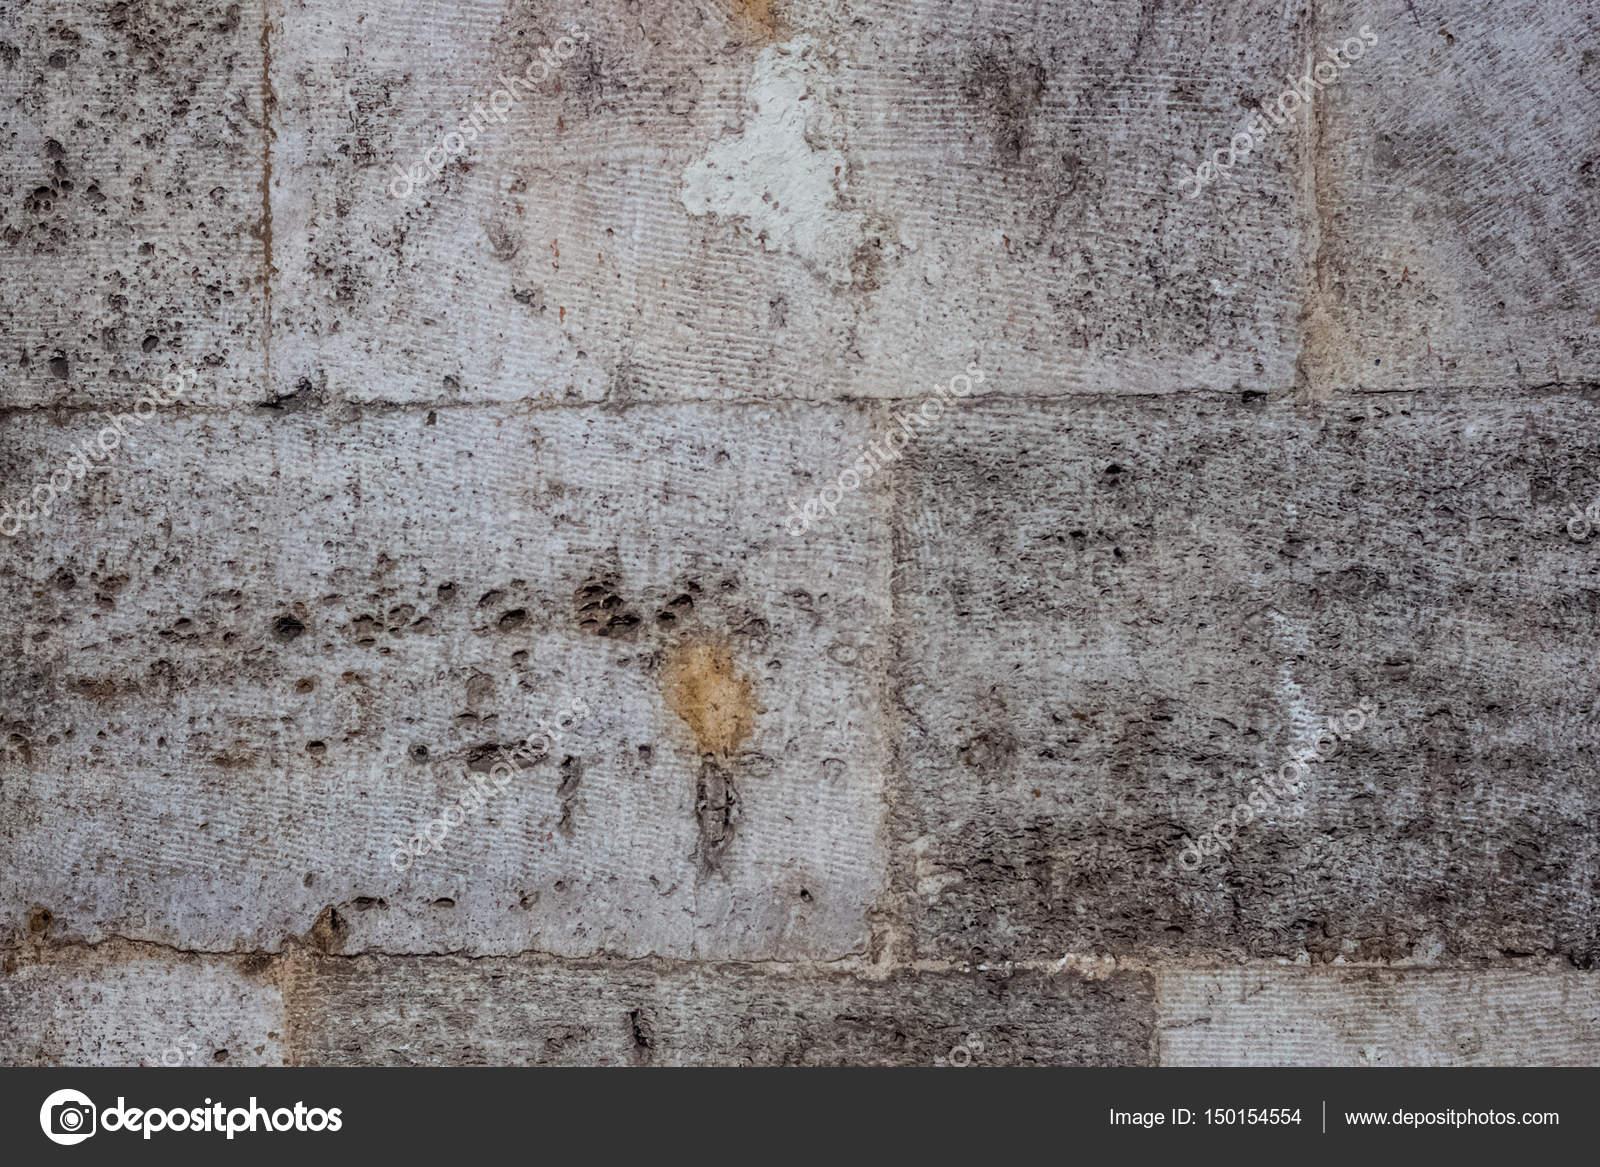 Fondos de piedra texturas de la piedra lisa m rmol for Imagenes de piedras de marmol